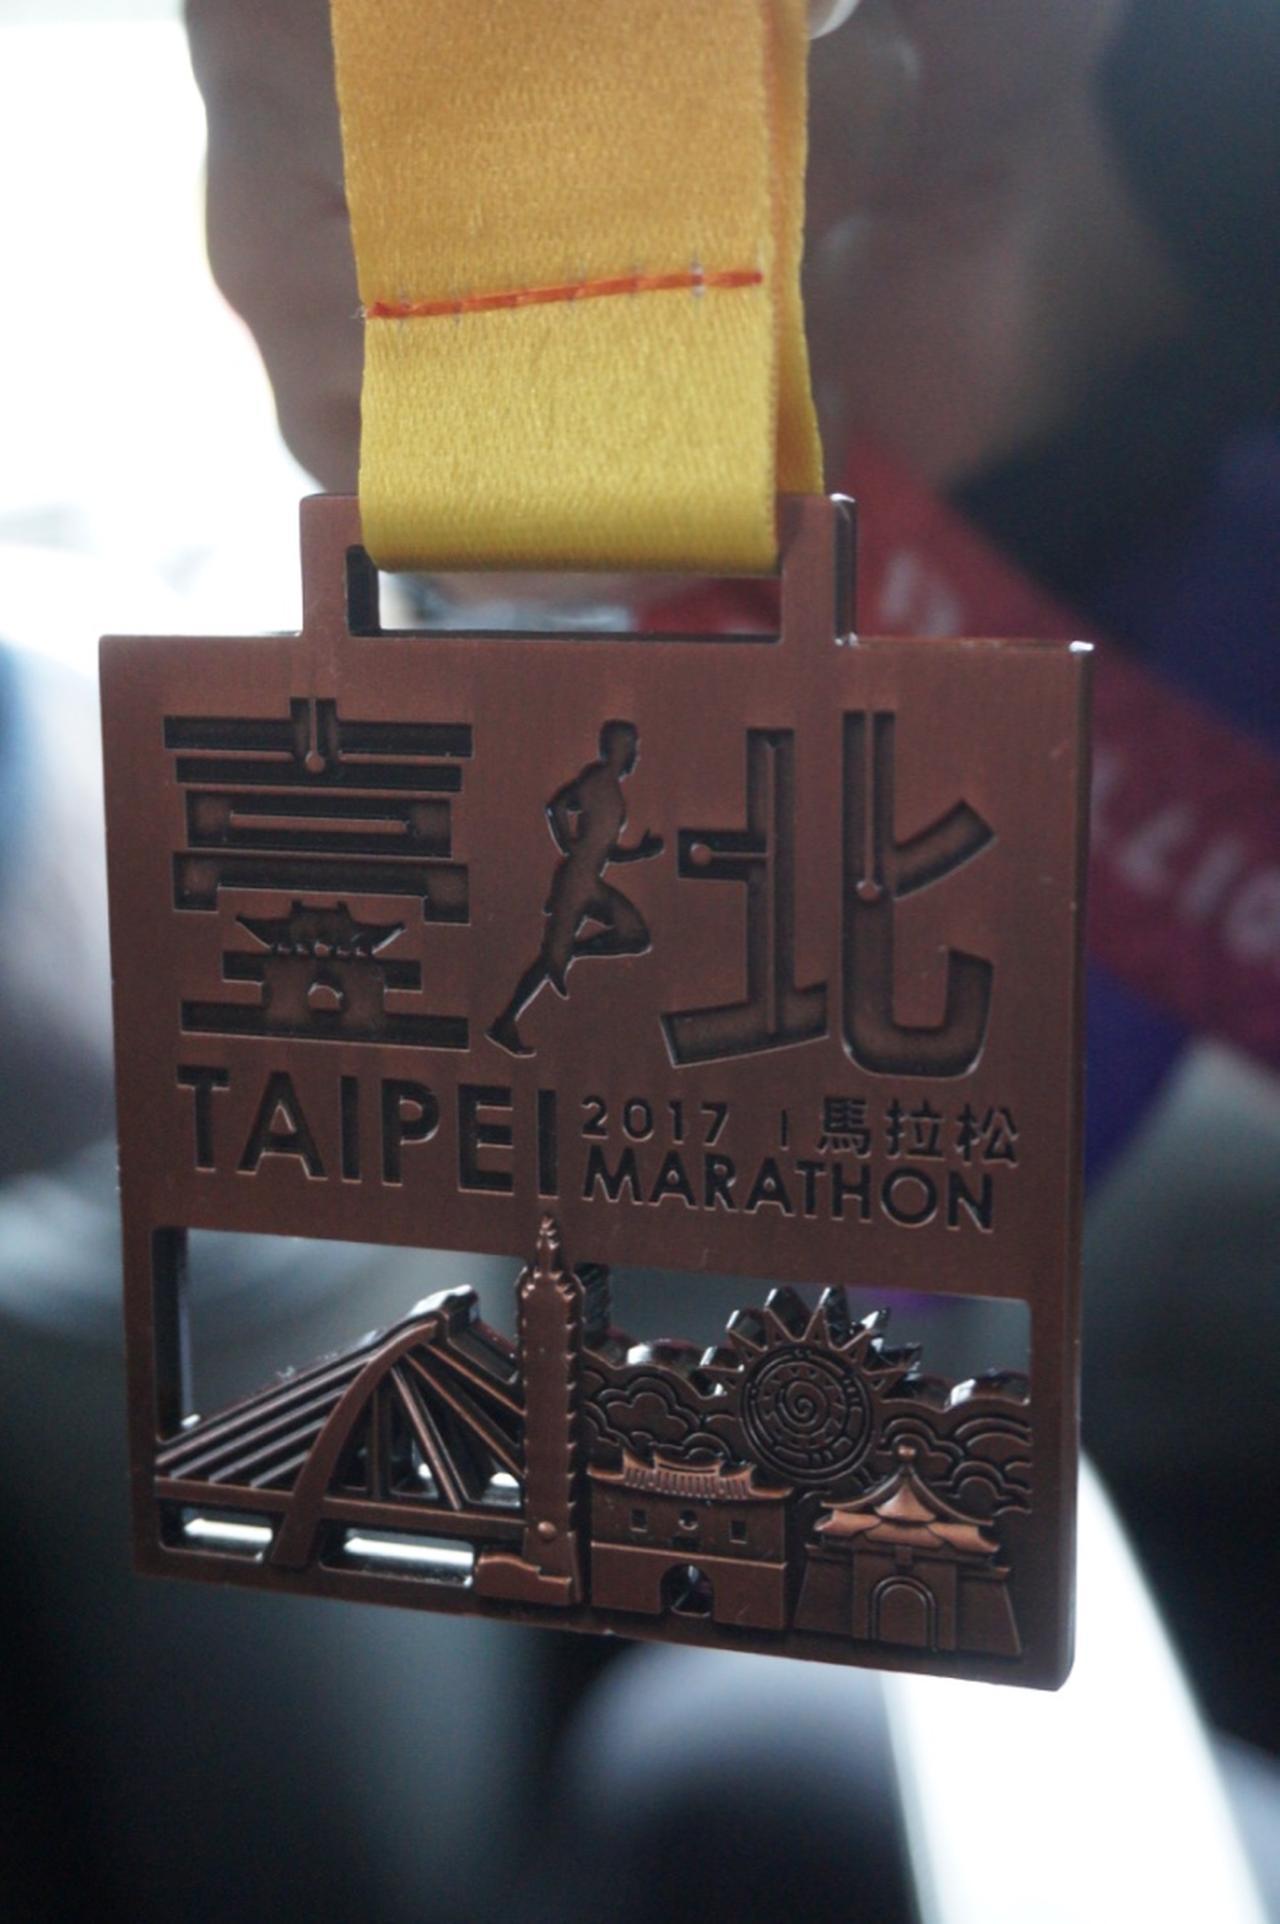 画像13: 【地球を走ろう】リピーター多数!走りやすい高速コース 台北マラソンツアー 大会レポート